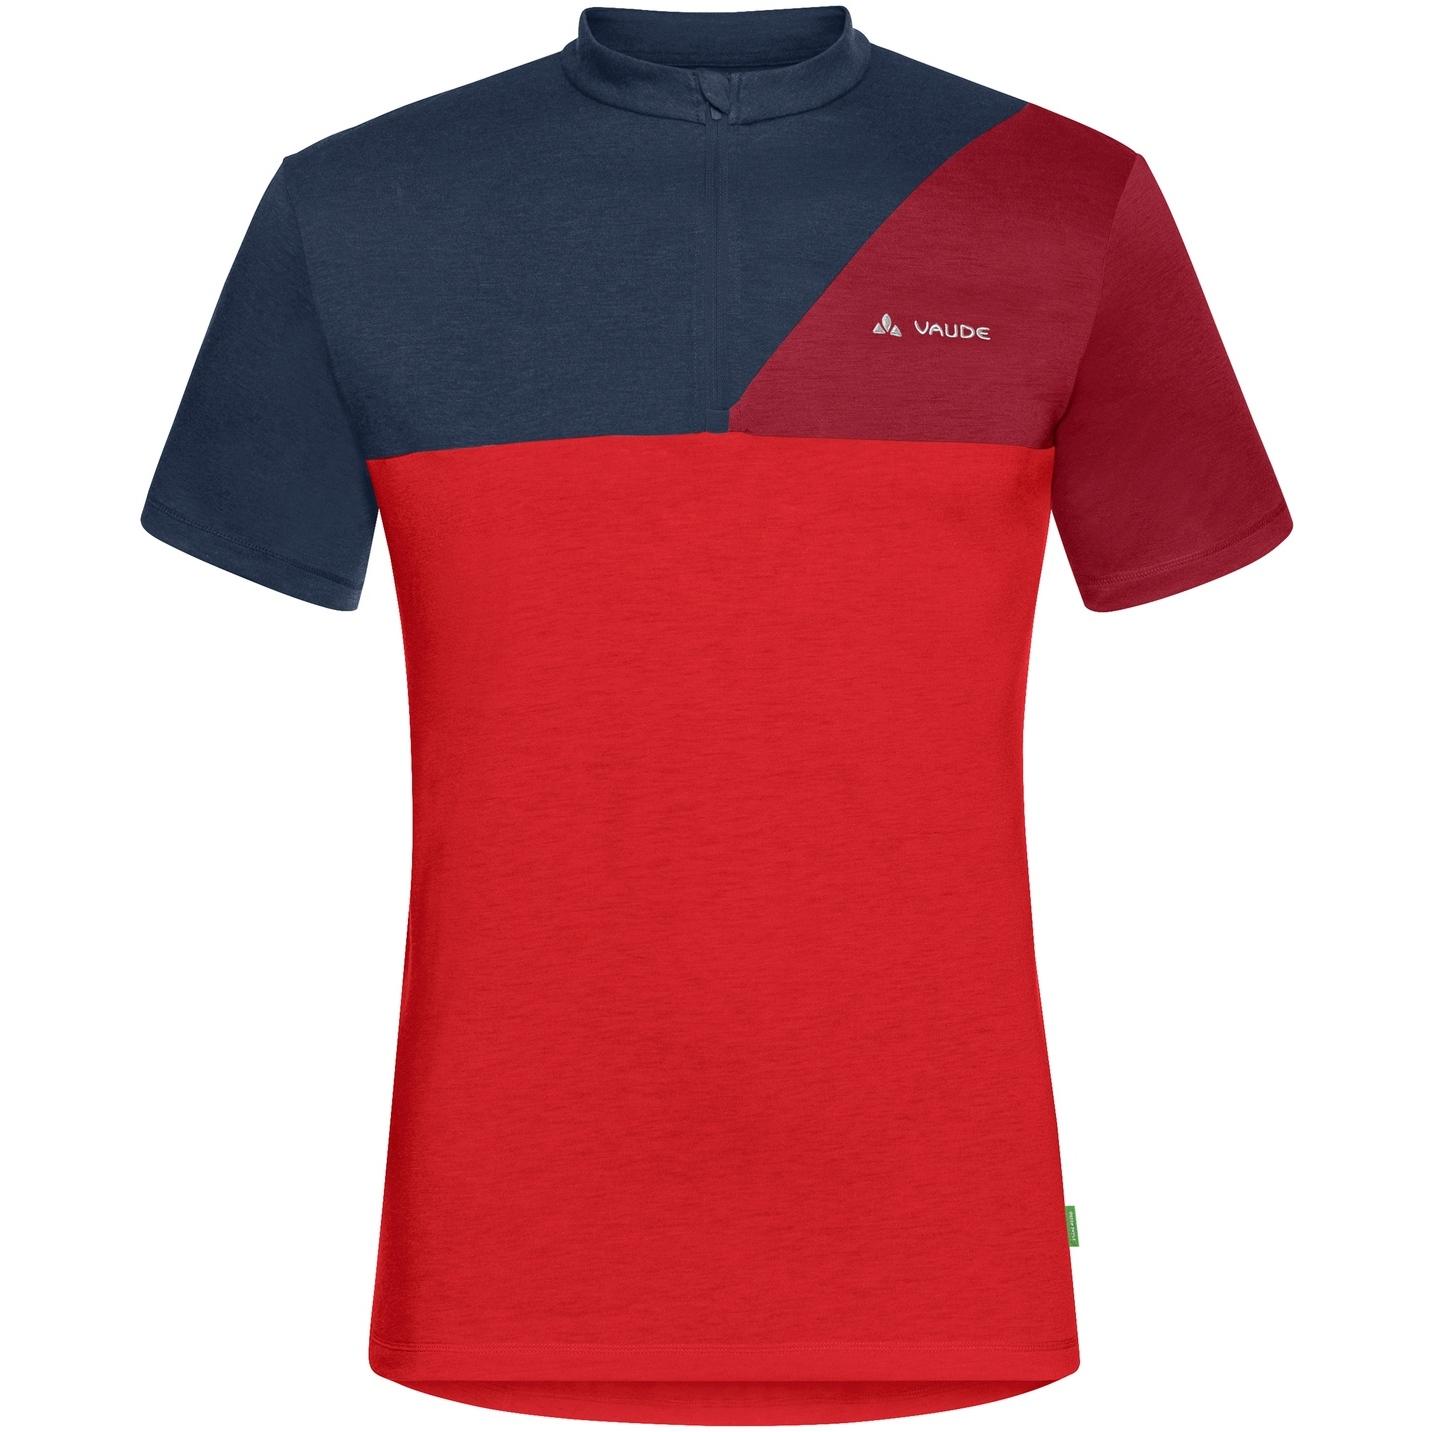 Vaude Tremalzo Shirt IV - mars red